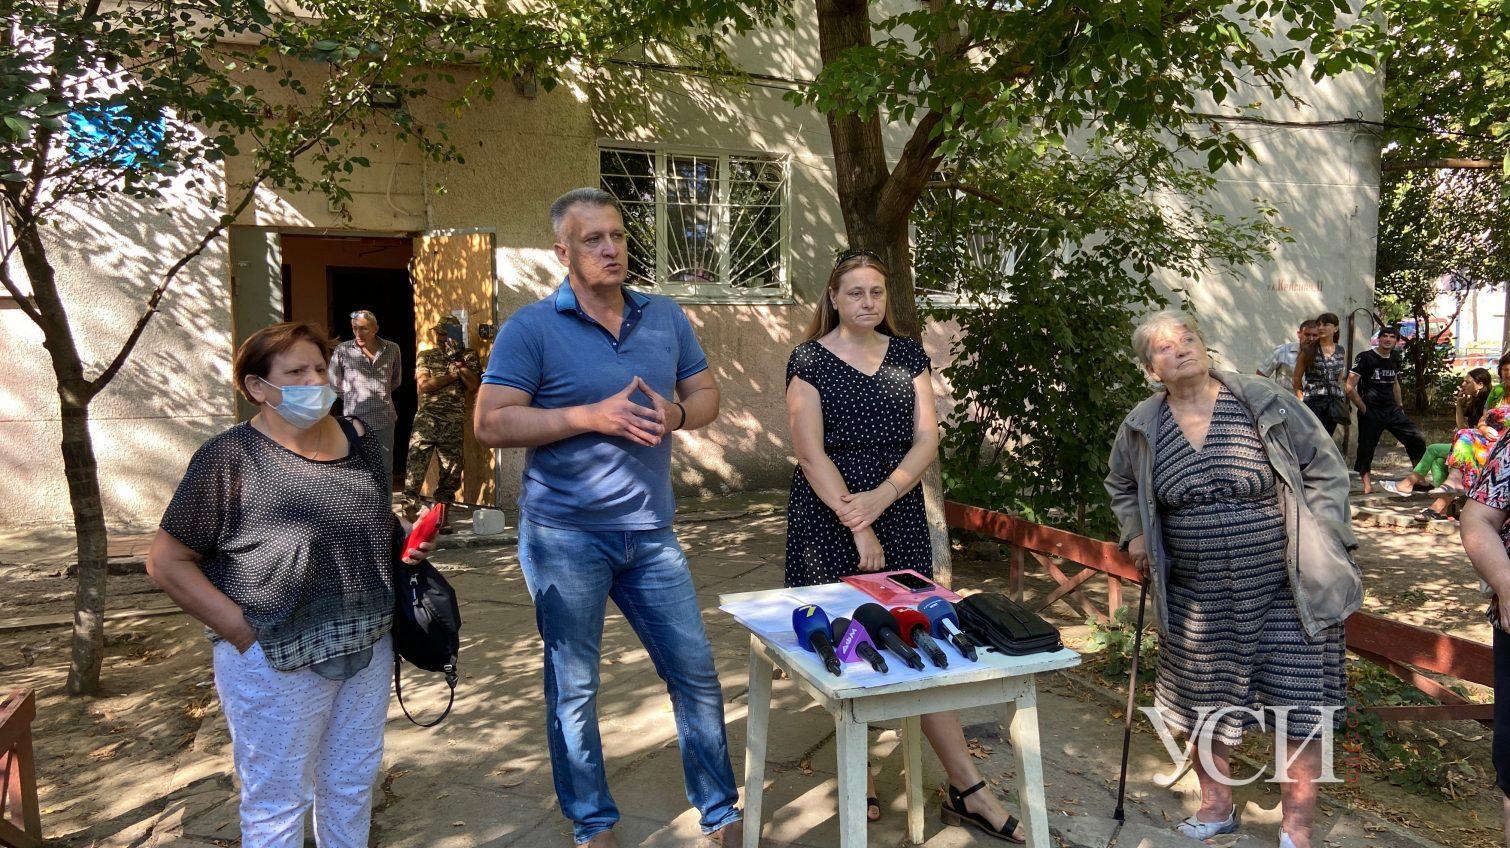 В Одессе переселенцы устроили акцию протеста: они говорят, что их хотят выселить из центра социальной помощи (фото) «фото»